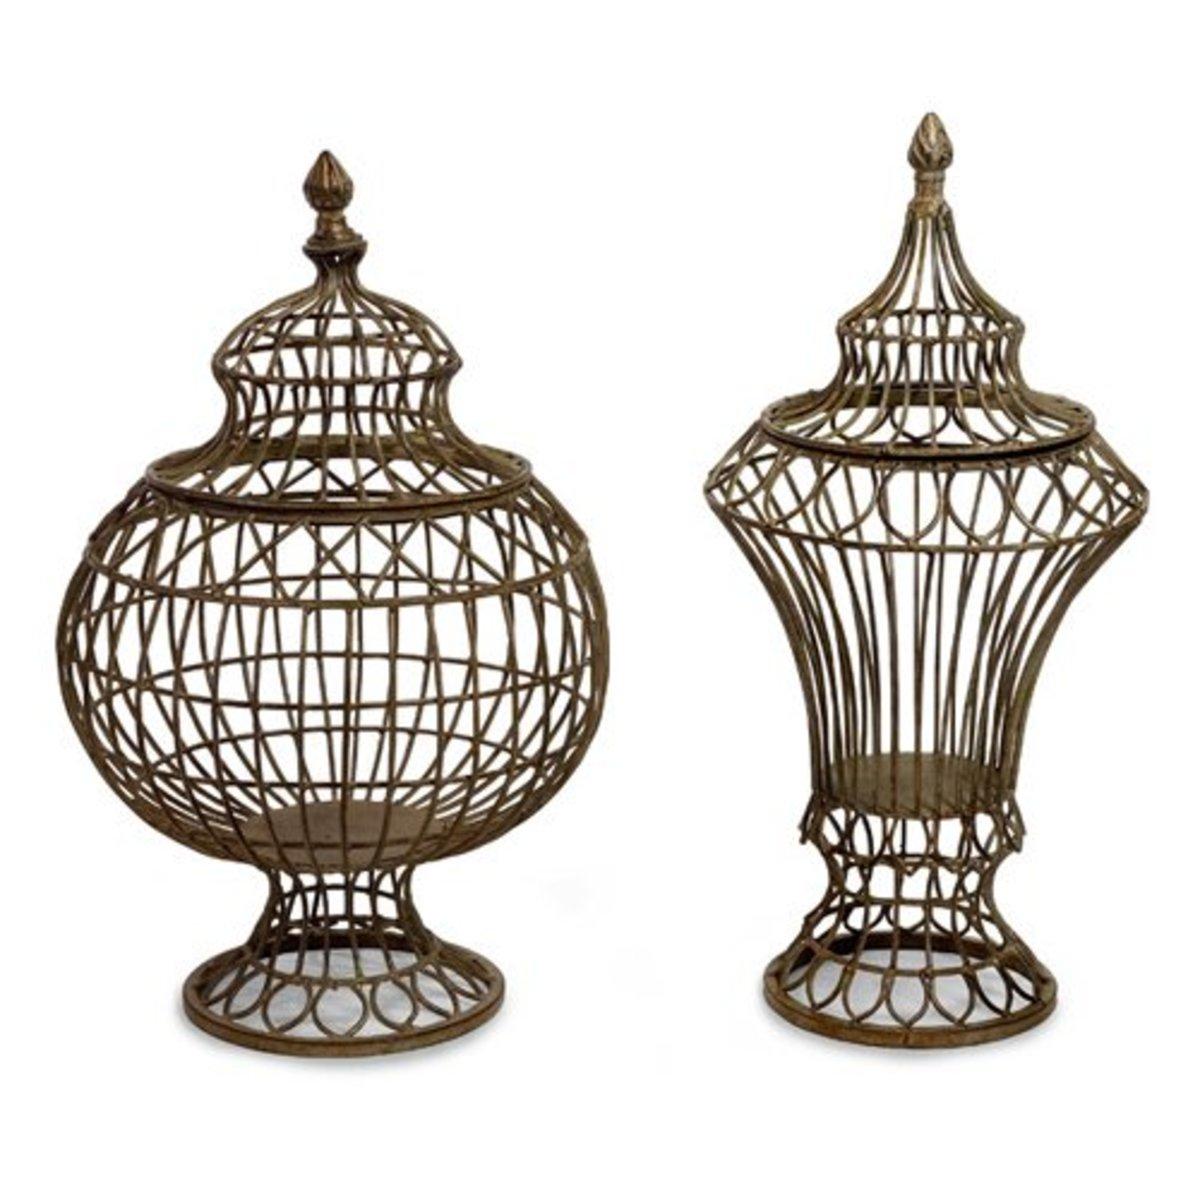 Vintage Architectural Wire Urns